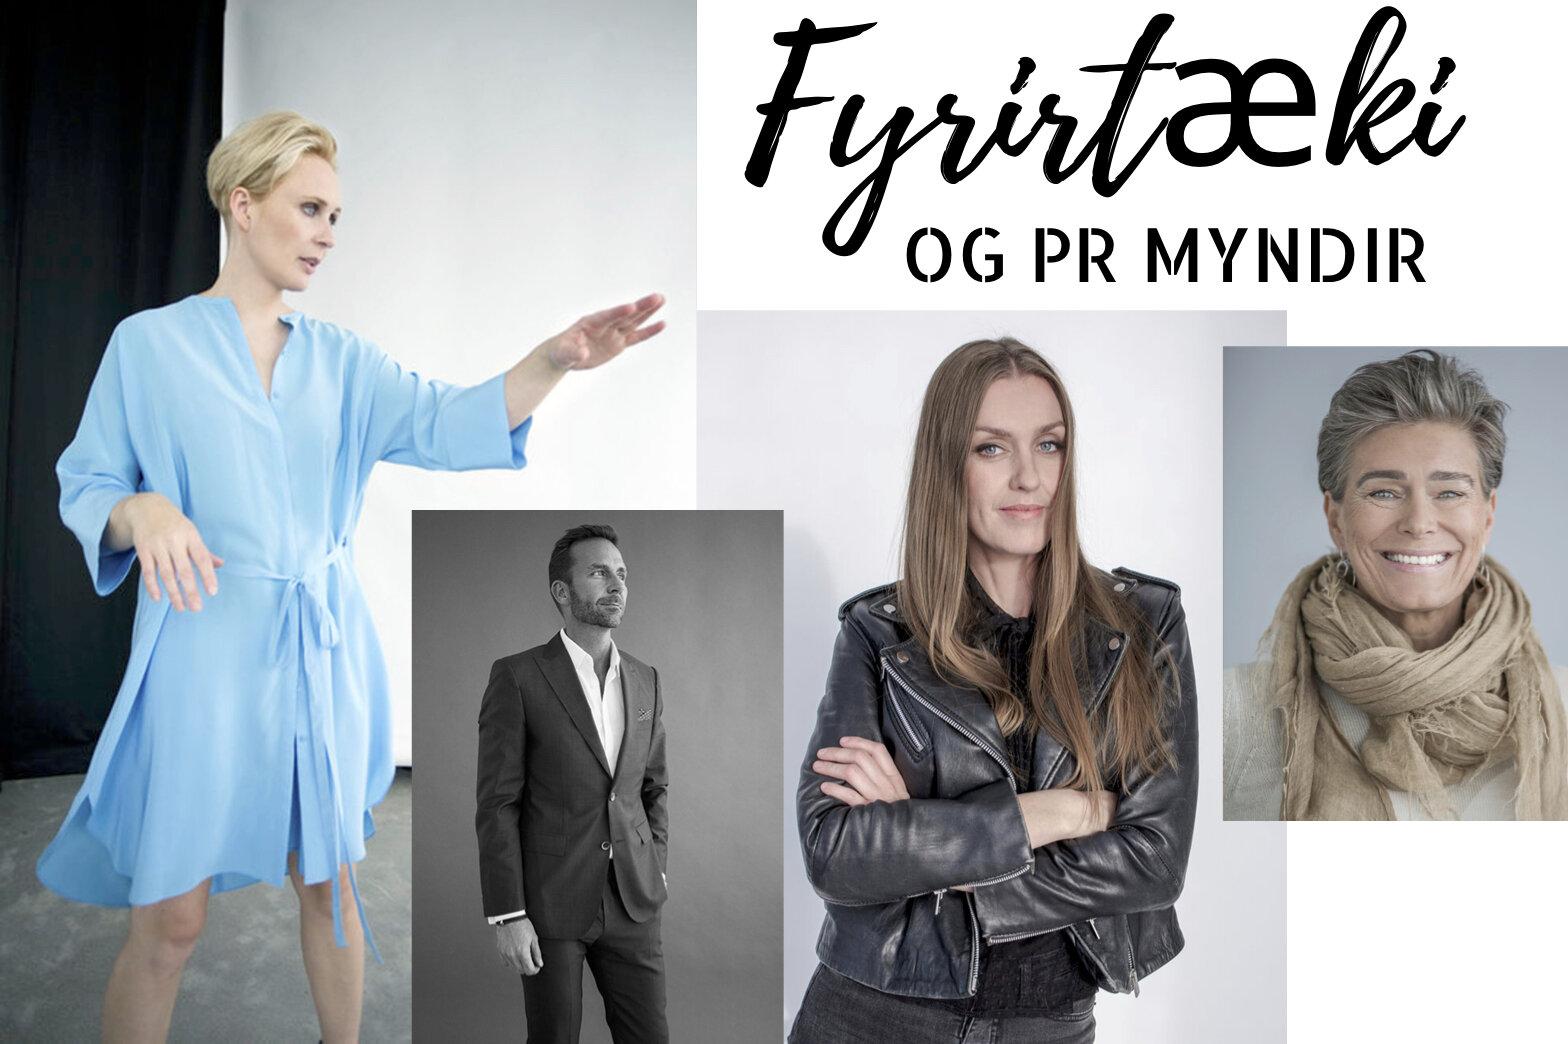 FYRIRTAEKI-PR MYNDIR.jpg